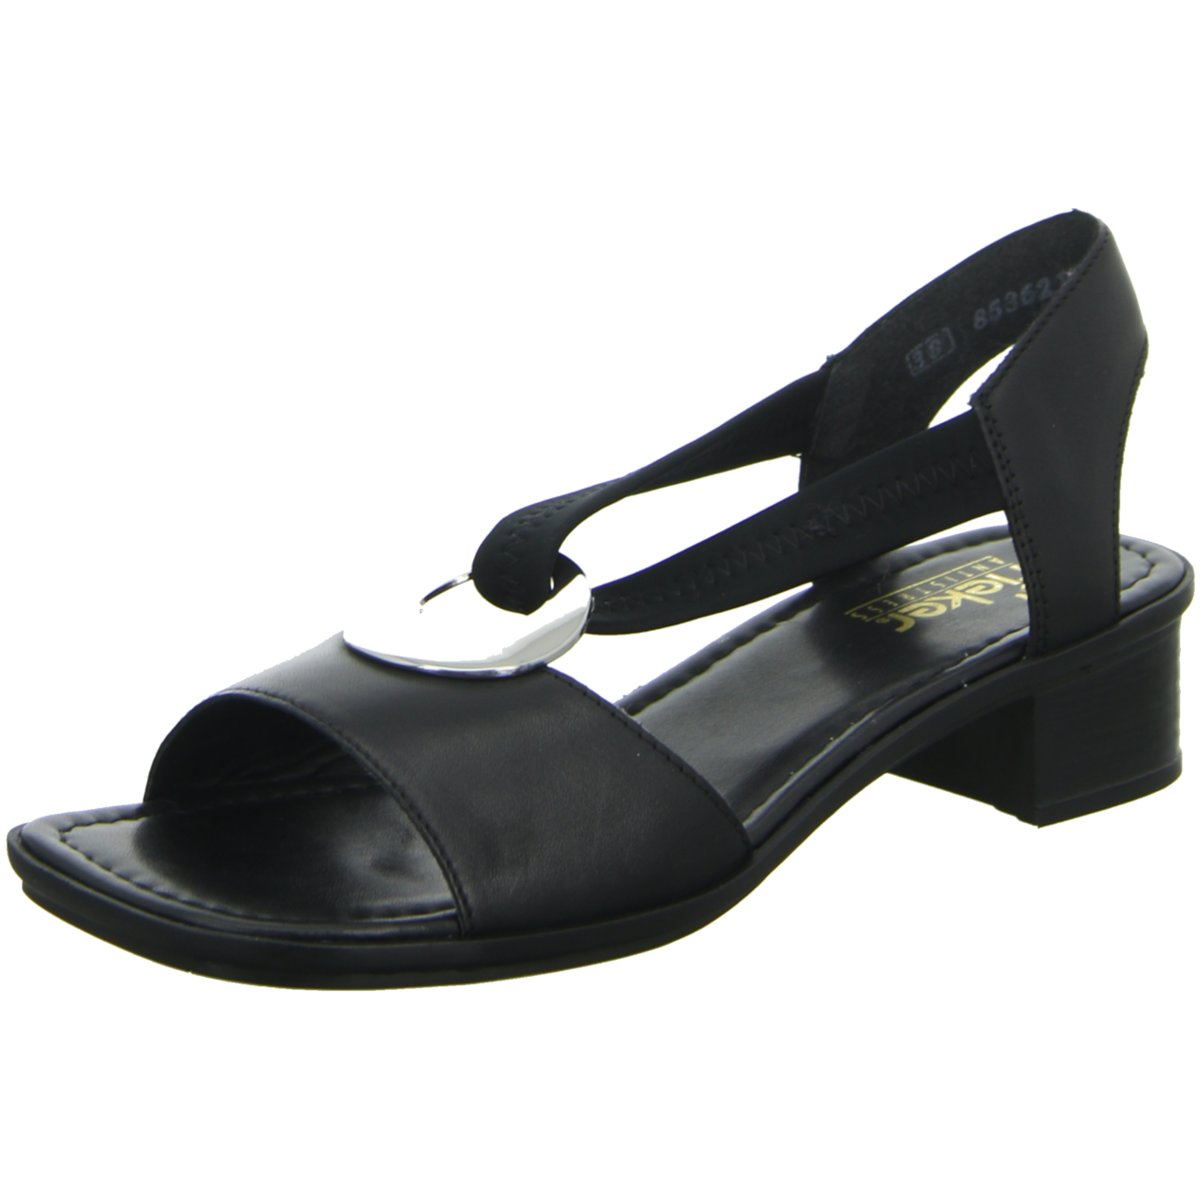 Details zu Rieker Damen Sandaletten Victoria 6266201 schwarz 127462